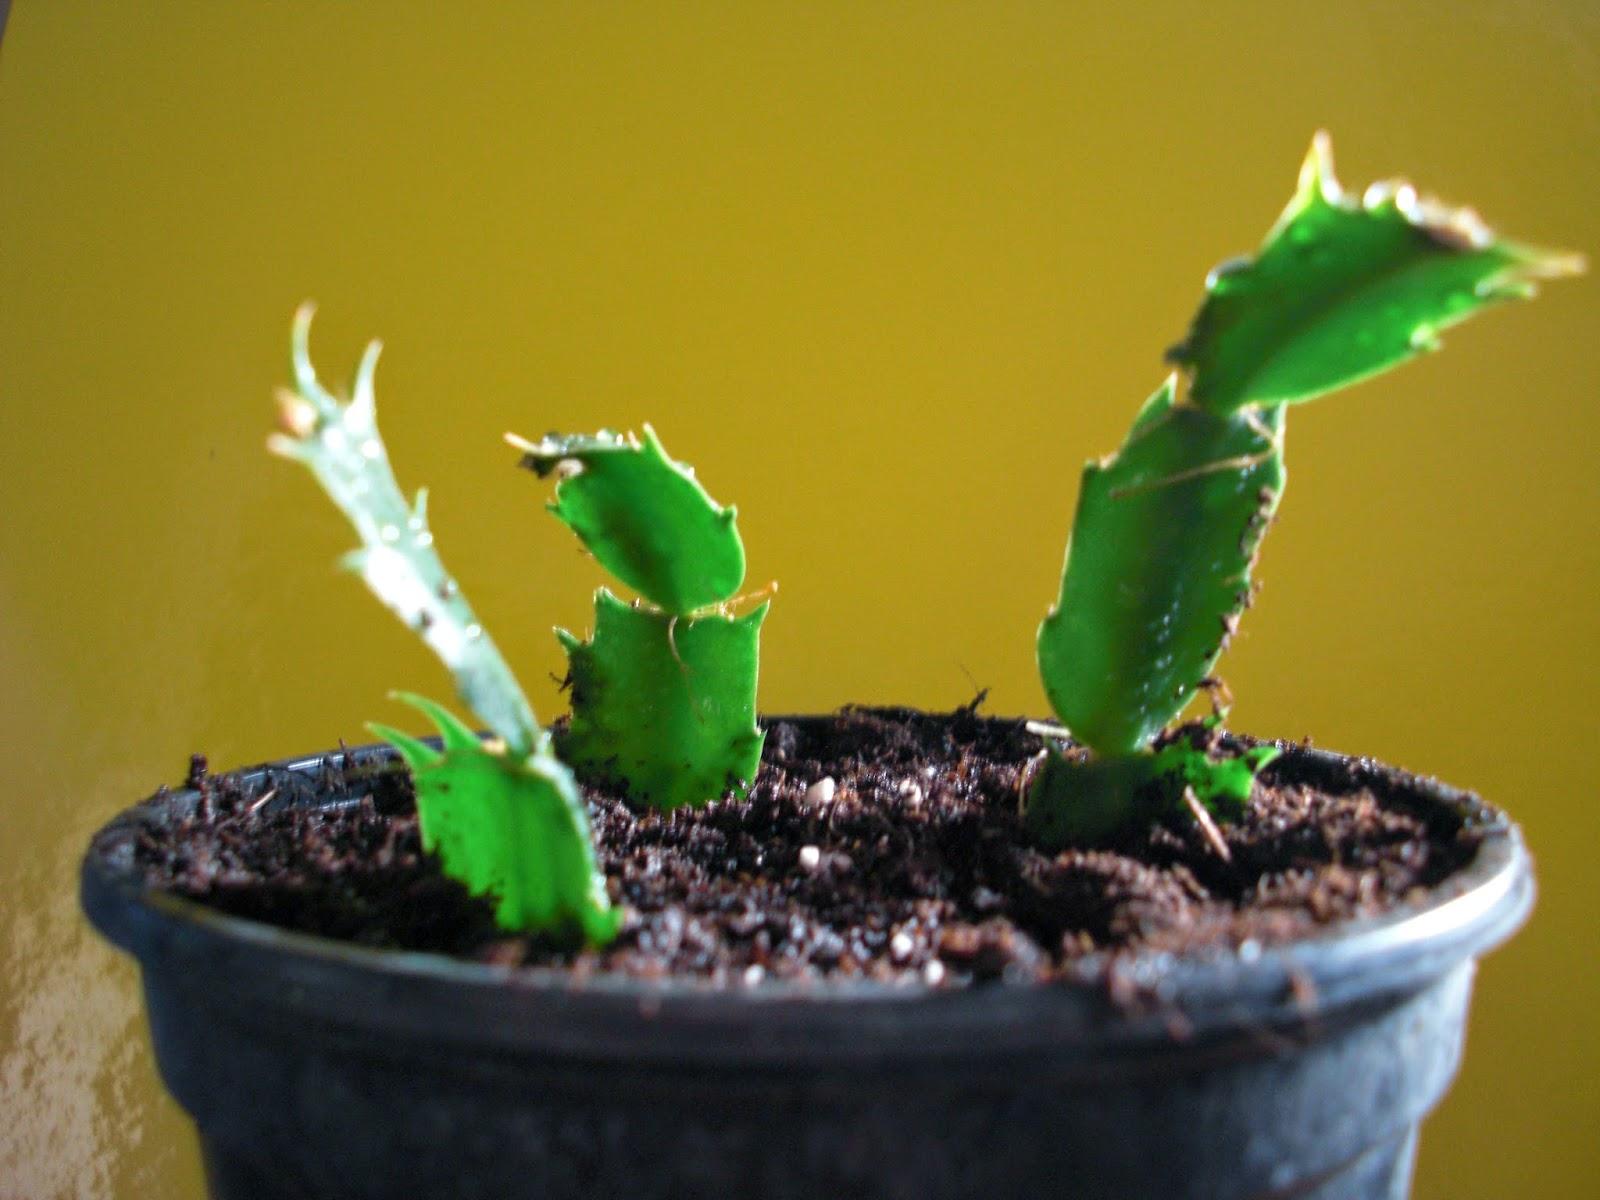 Plantas de interior - Propagação Schlumbergera